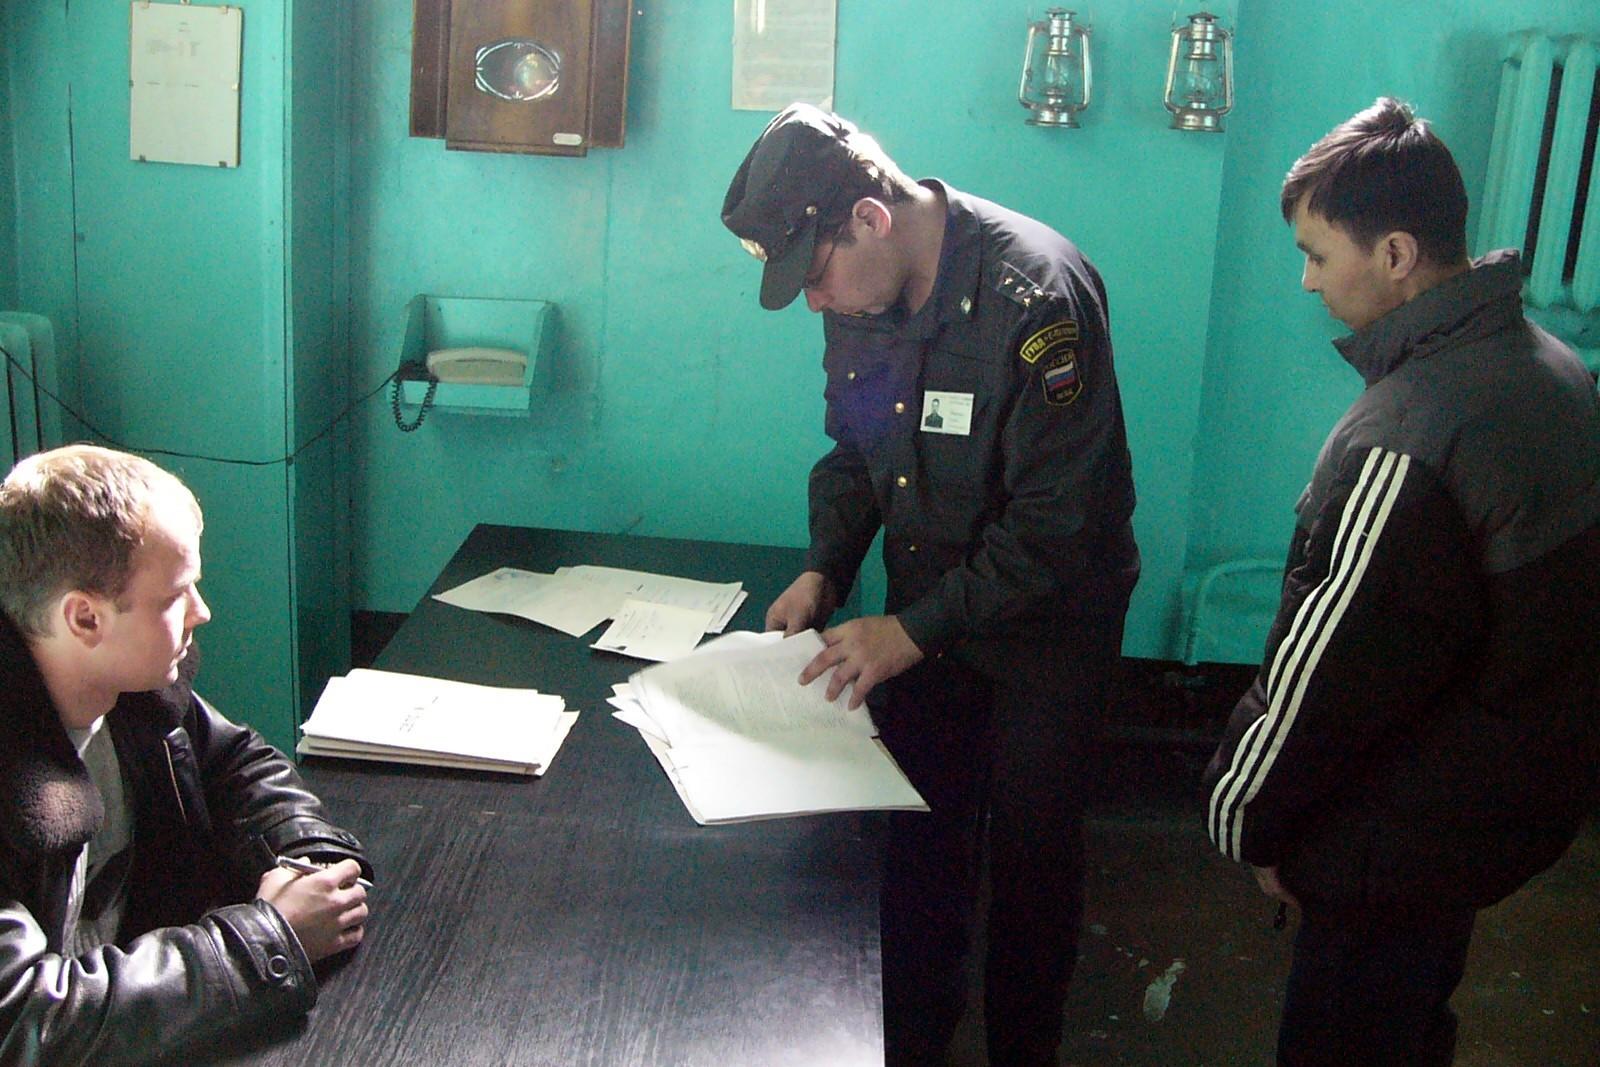 мигранты гастарбайтеры проверка документов полиция приёмник-распределитель